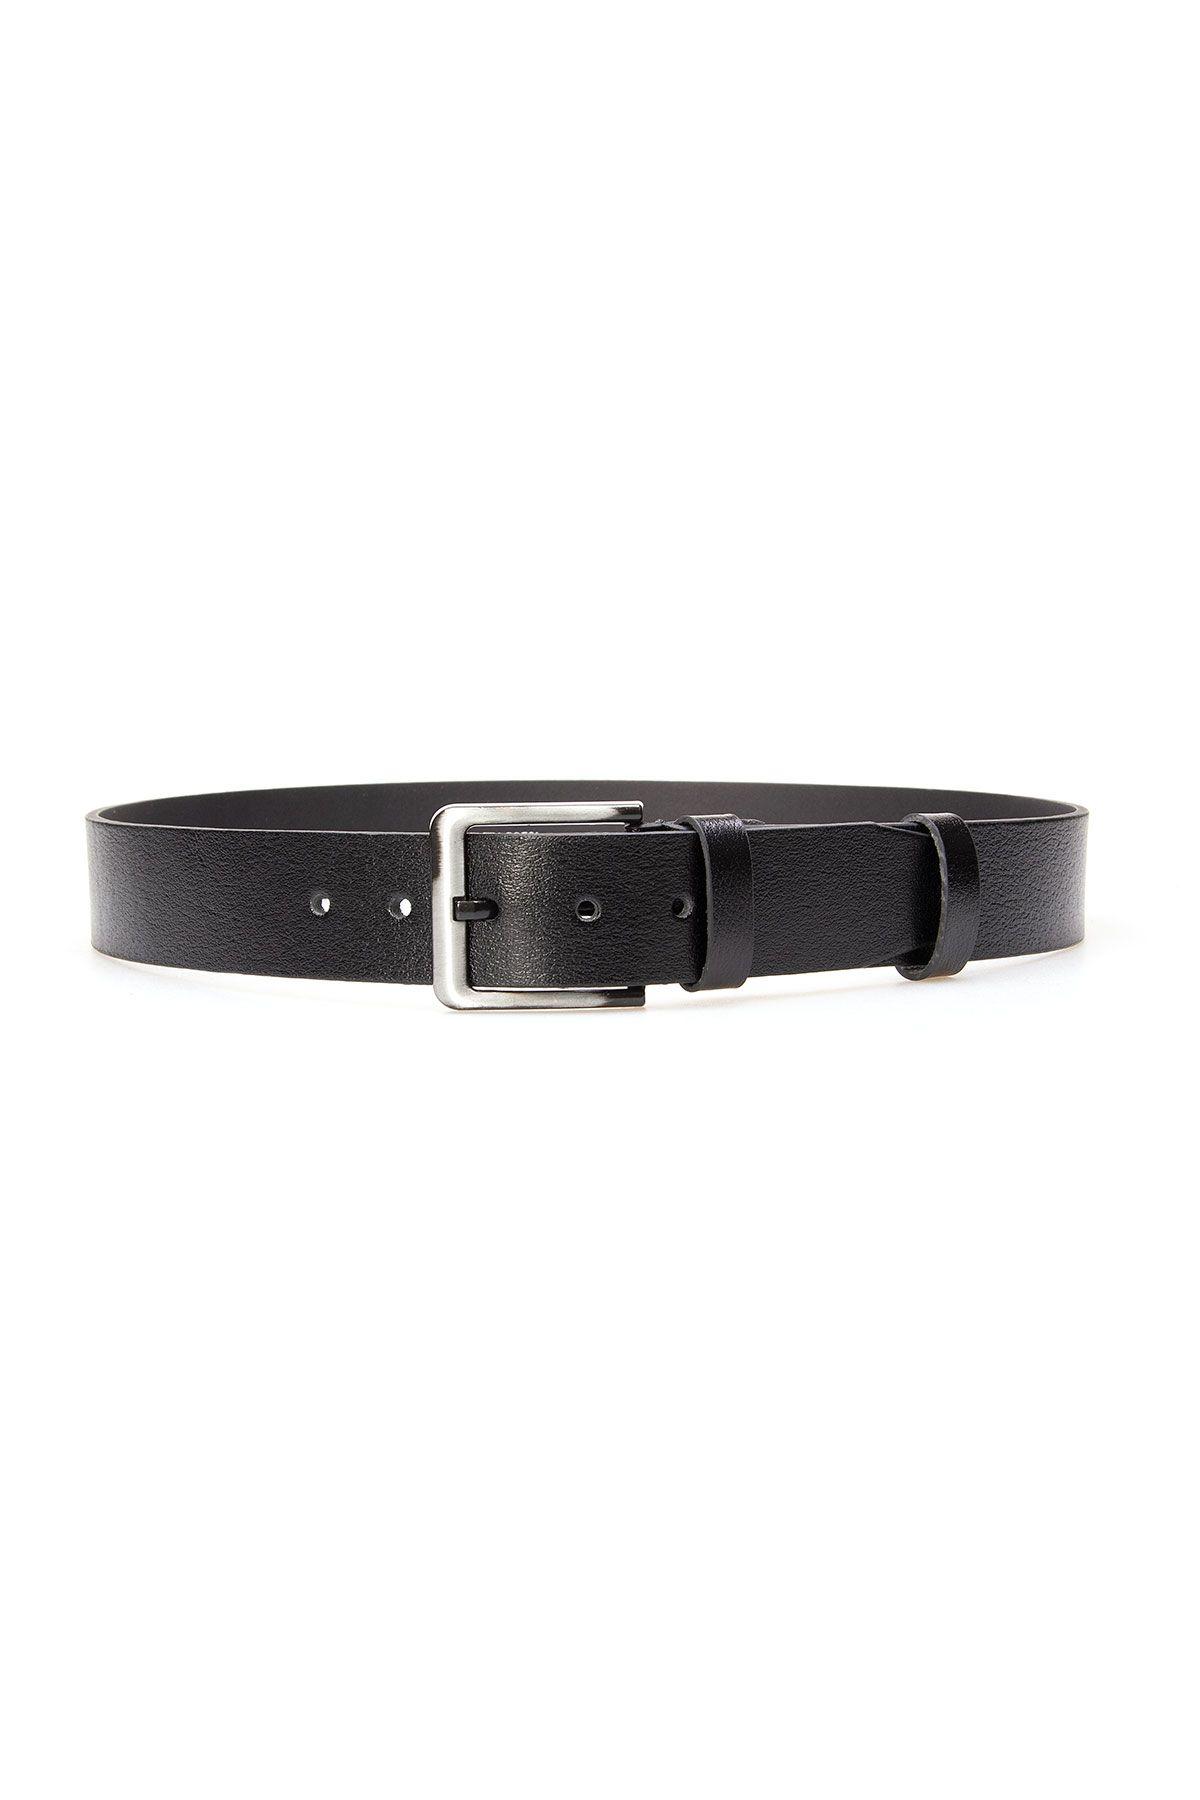 Pegia Original Leather Men's Belt 19KMR03 Black